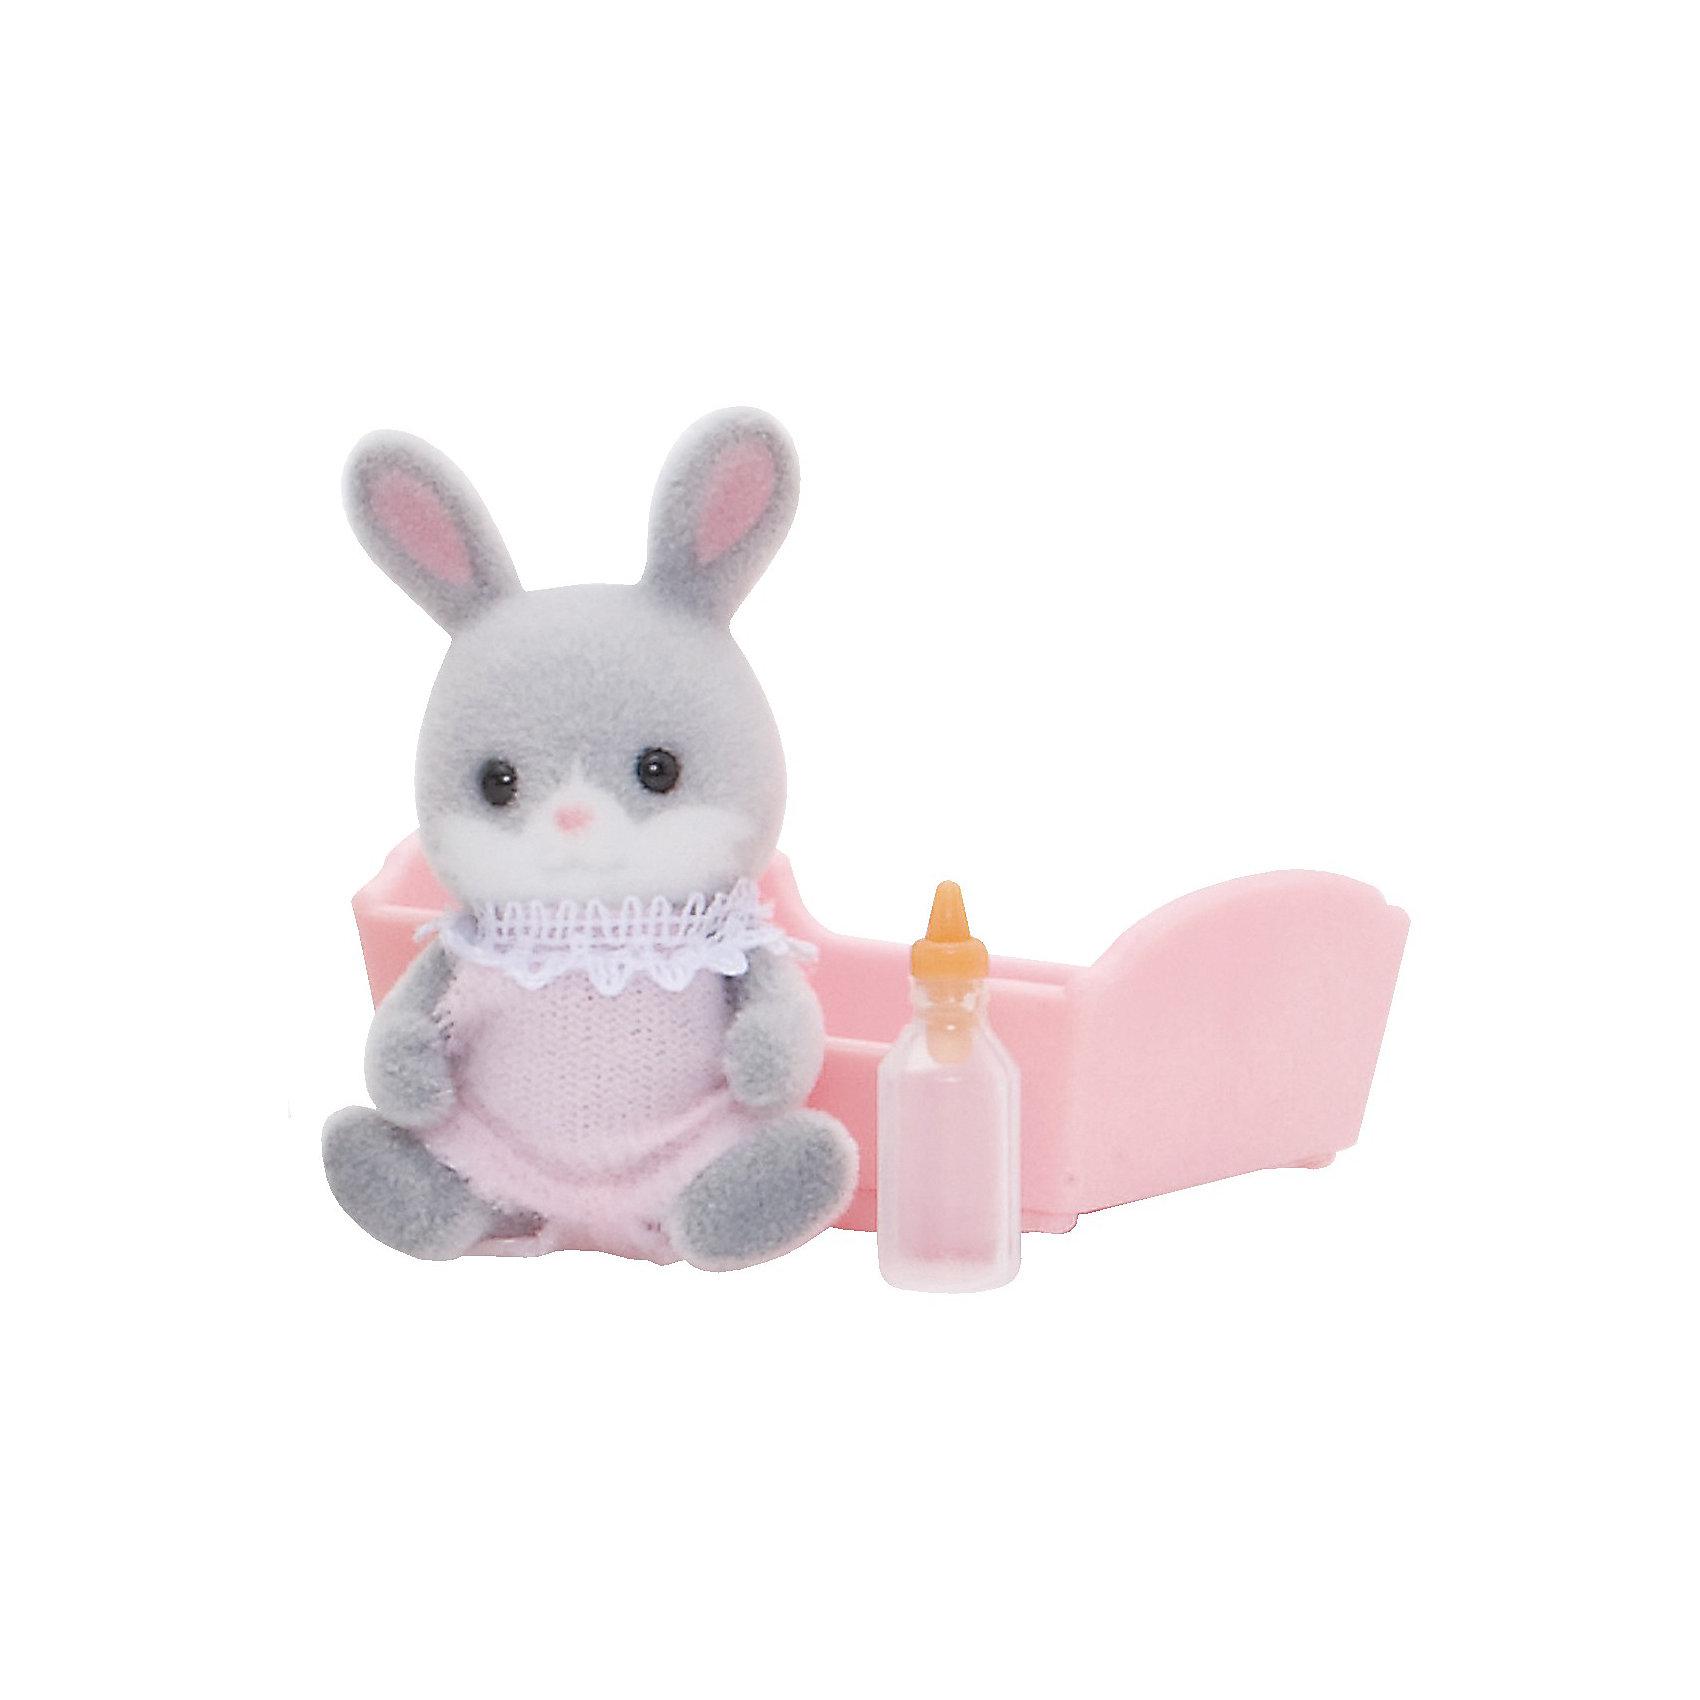 Набор Малыш Серый Кролик Sylvanian FamiliesМалыш серый кролик - сладкий малыш, о котором так и хочется позаботиться! Он одет в смешной комбинезончик и любит спать в своей колыбельке, особенно зимой. Малыша нужно покормить из бутылочки и уложить спать в уютную кроватку.  <br>Цвет комбинезончика может быть розовым или голубым.<br>В наборе Малыш серый кролик от Sylvanian Families (Сильвания Фэмили):<br>- мишка <br>- колыбелька<br>- бутылочка Размер коробки: 8 х 4 х 12 см.<br>Высота фигурок: 3,5 см                                                            <br>Материал: высококачественная пластмасса, ПВХ с полимерным напылением, текстиль. ВНИМАНИЕ! Данный артикул имеется в наличии в разных цветовых исполнениях. К сожалению, заранее выбрать определенный цвет не возможно.   <br><br>Ваш ребенок будет в восторге от этого малыша!<br><br>Ширина мм: 126<br>Глубина мм: 88<br>Высота мм: 38<br>Вес г: 34<br>Возраст от месяцев: 36<br>Возраст до месяцев: 72<br>Пол: Женский<br>Возраст: Детский<br>SKU: 2458908